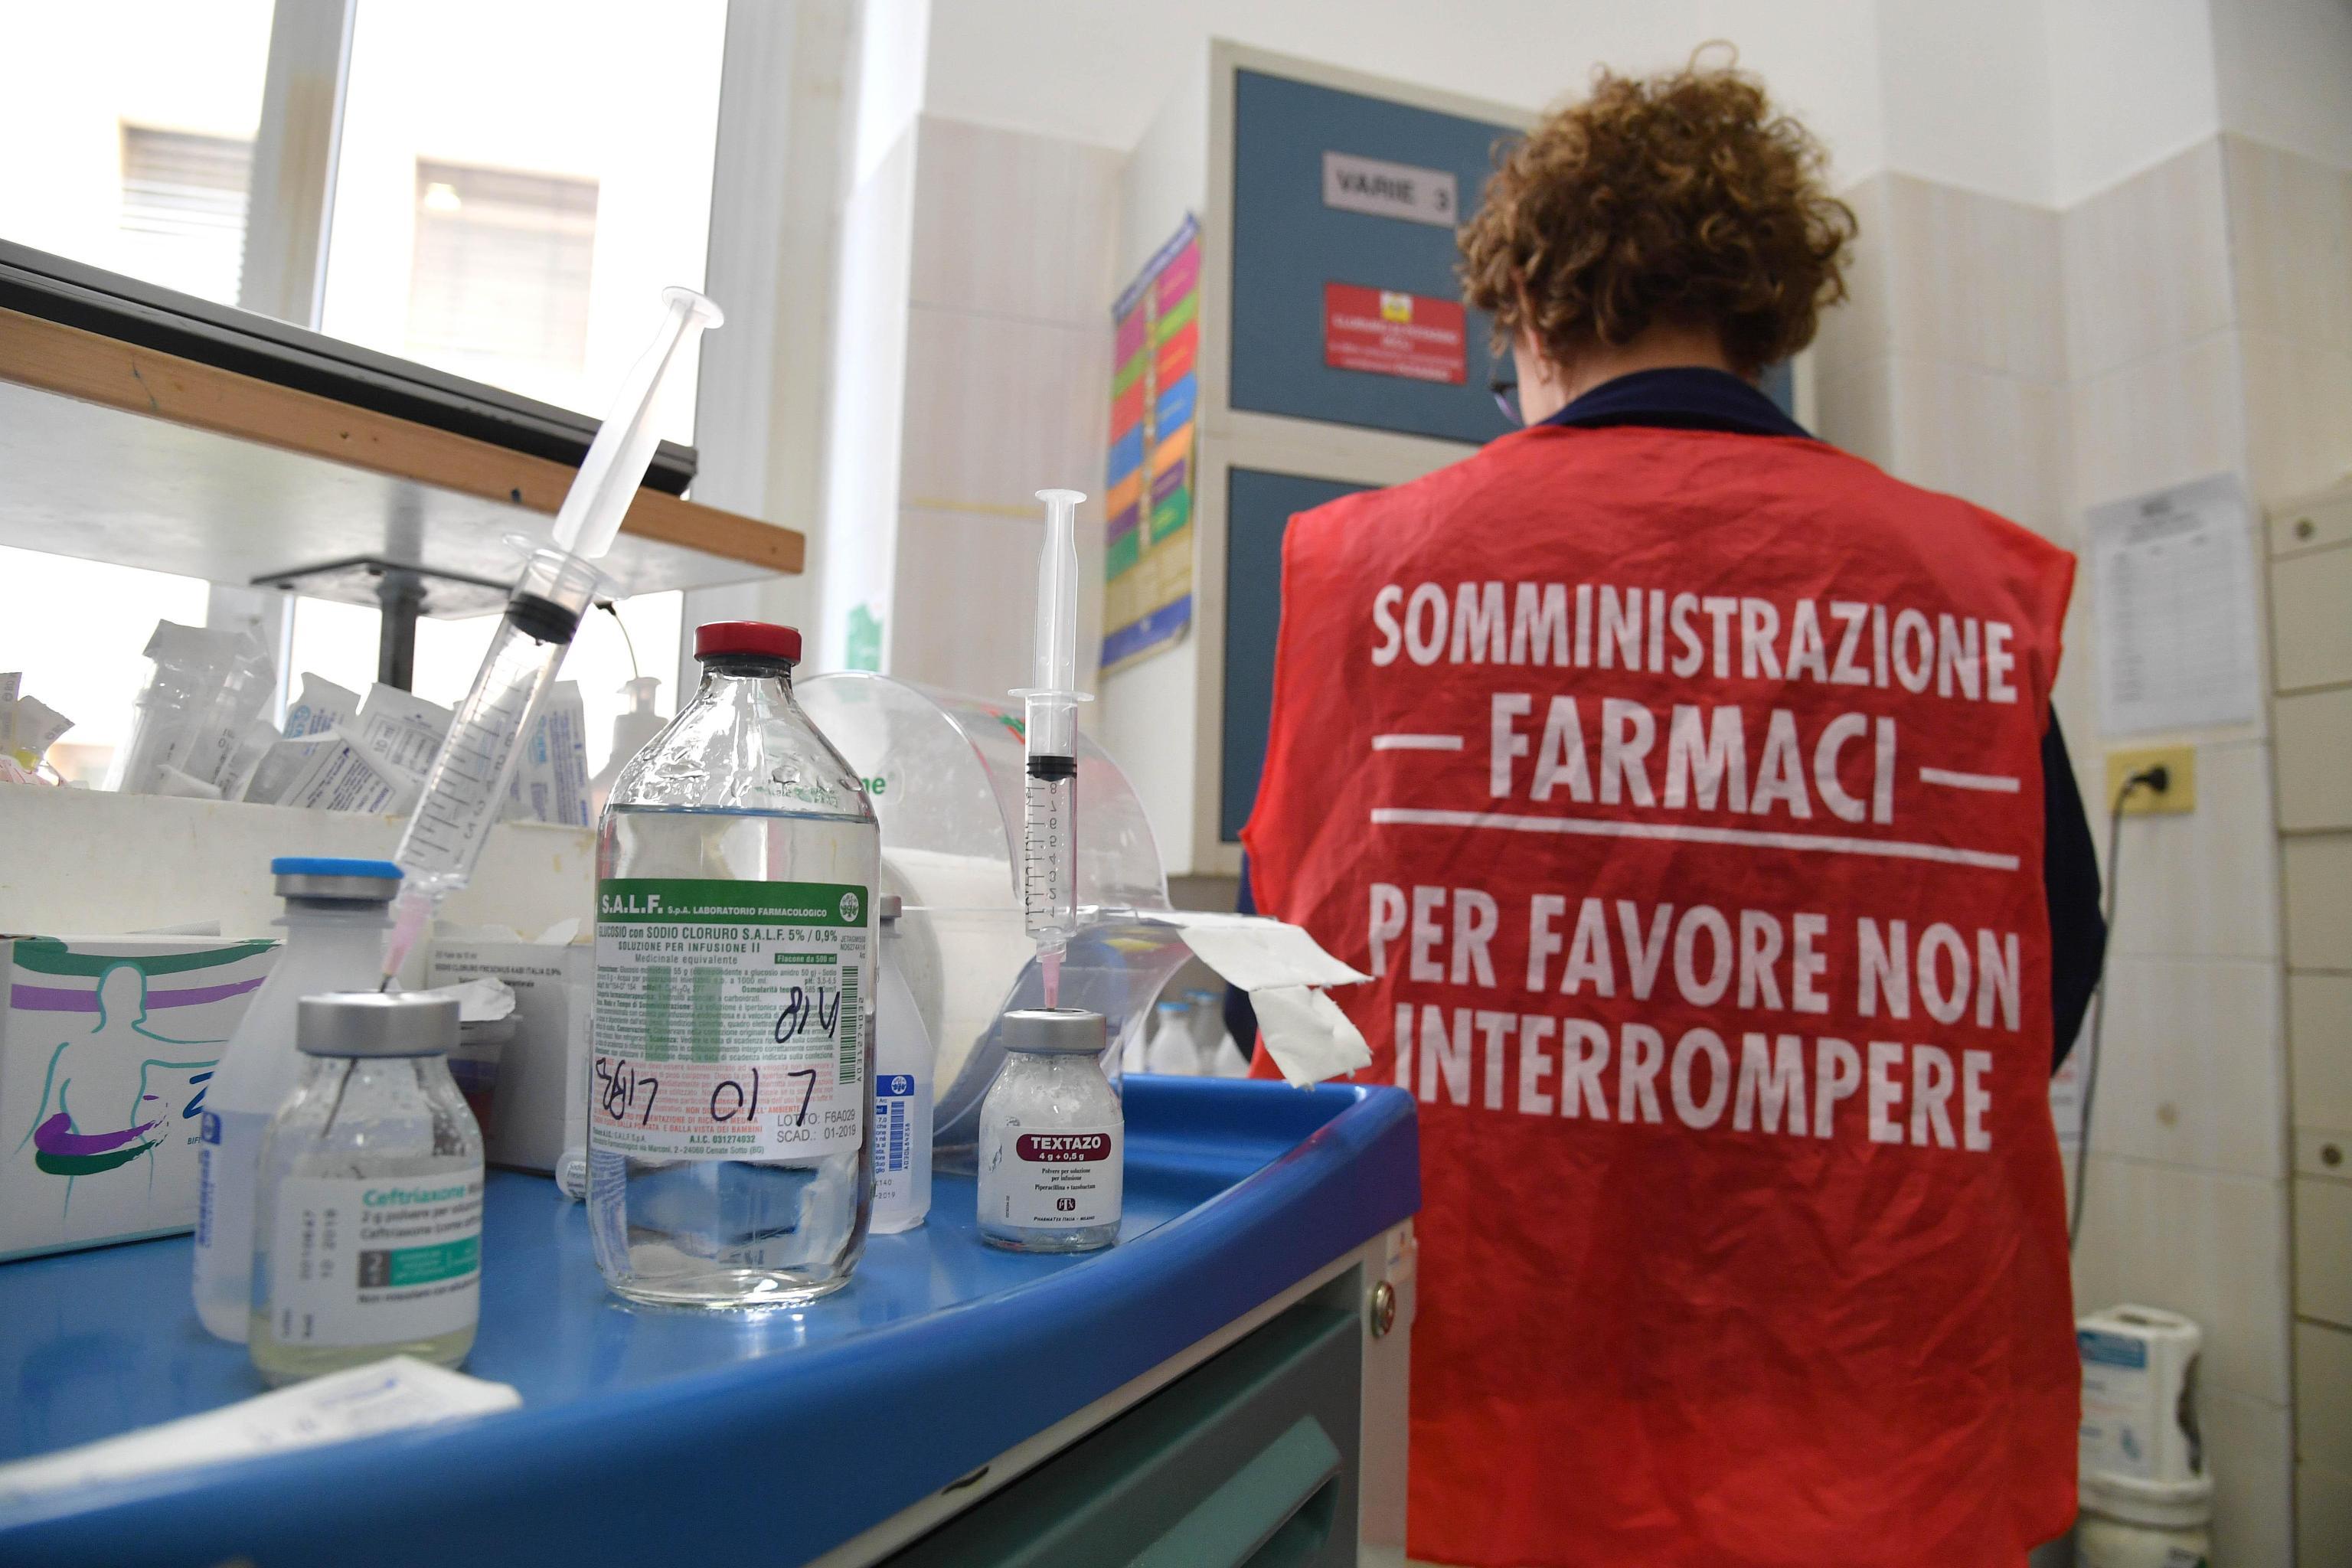 Vaccini: morto per meningite un ragazzo di 14 anni a Monza